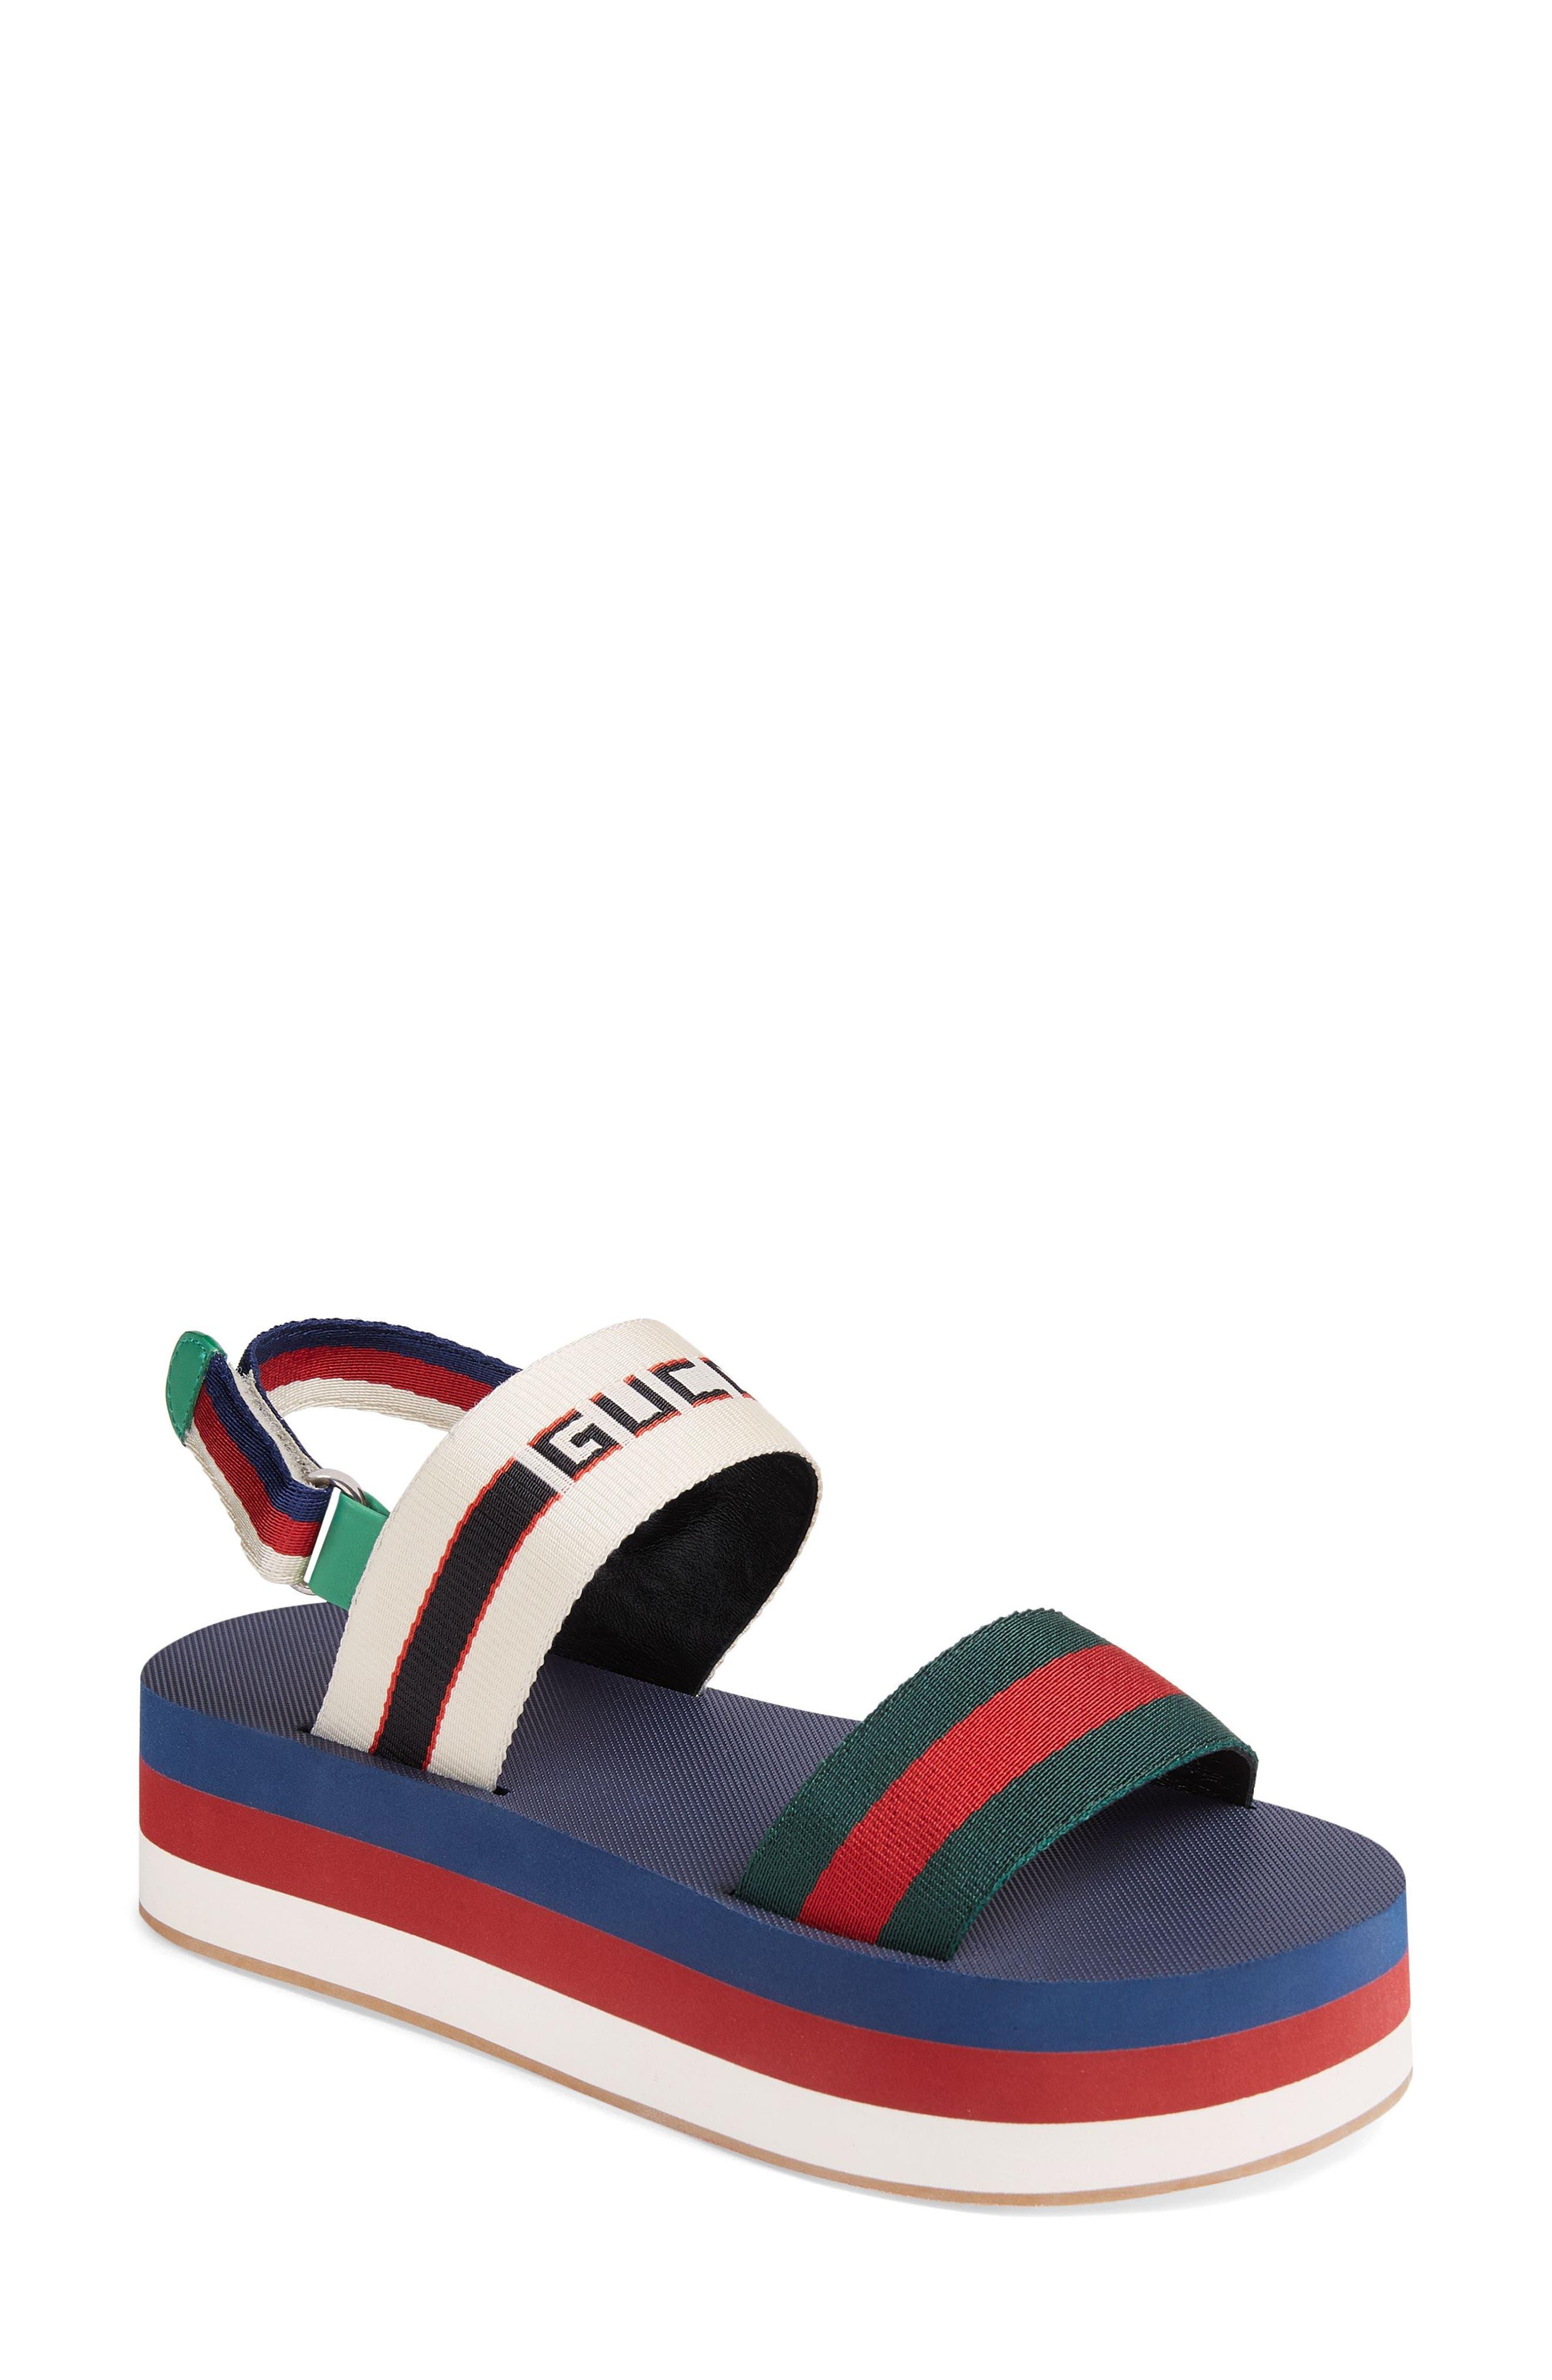 GUCCI Bedlam Slingback Flatform Sandal, Main, color, BLUE/ RED